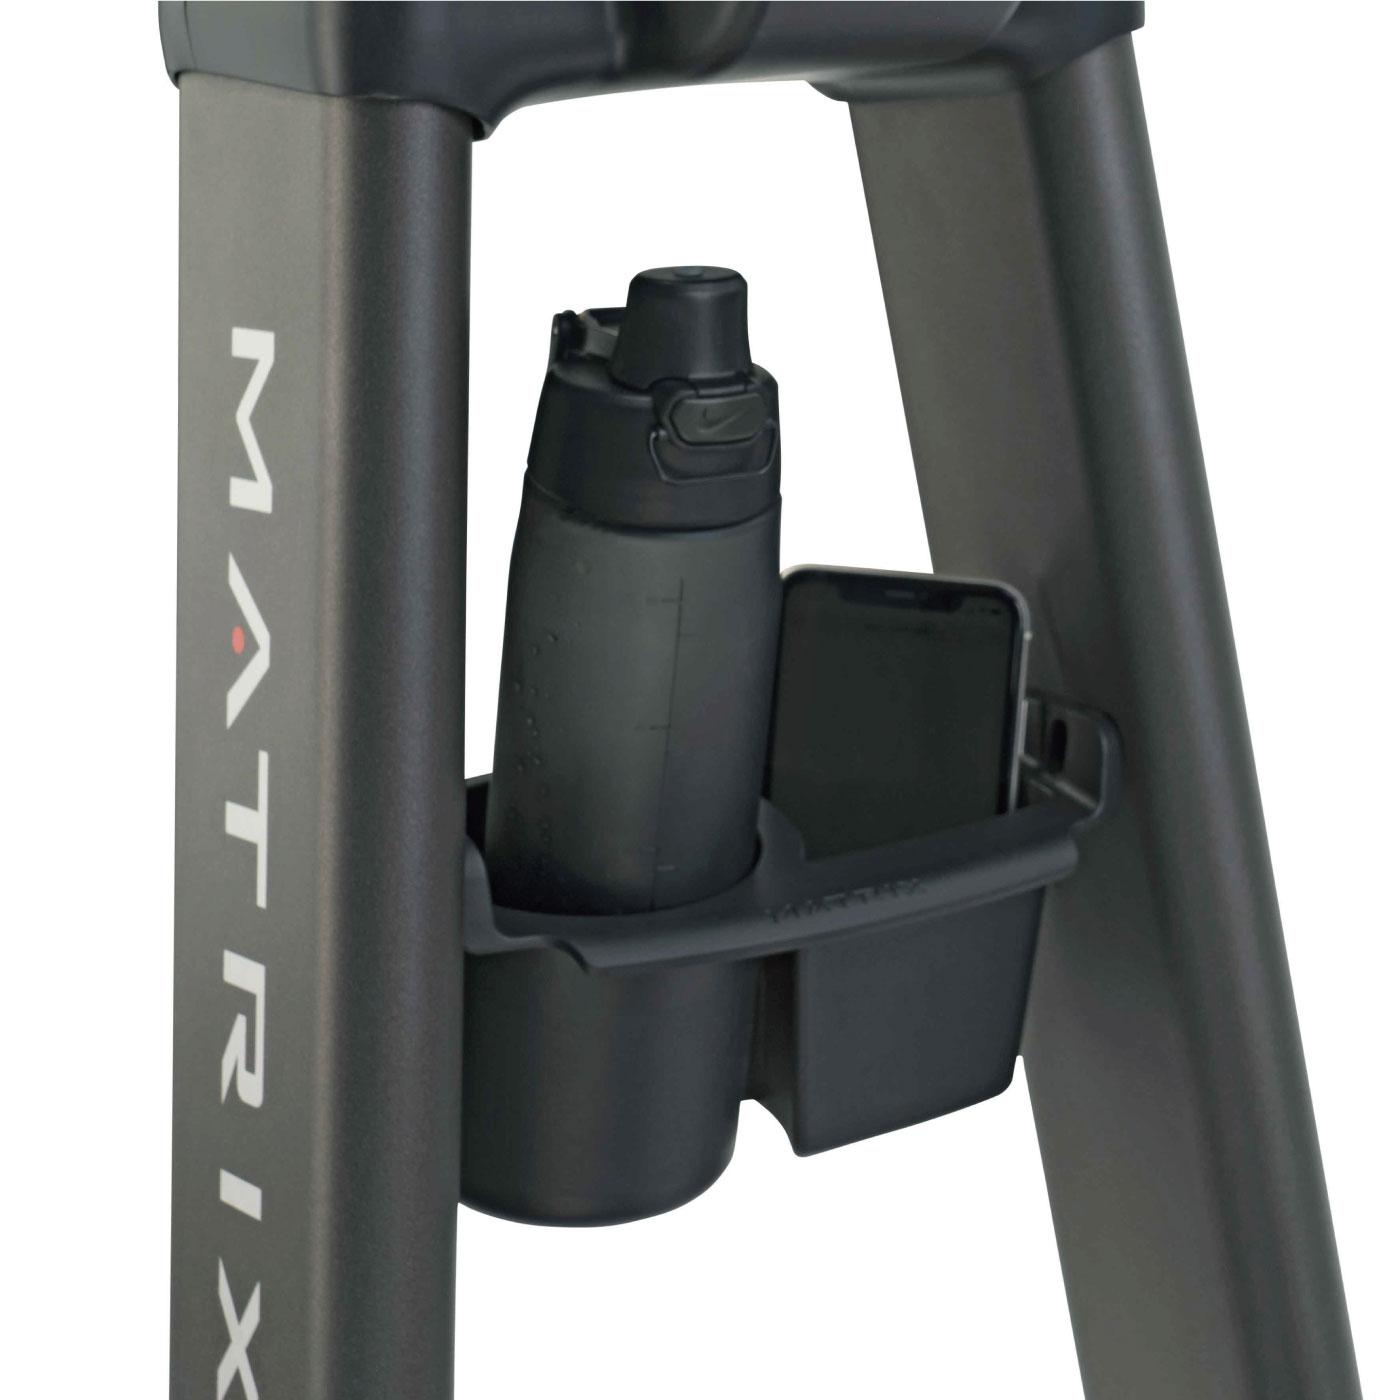 U50-XIR-V2/家庭用アップライトバイク〈家庭用MATRIX〉《ジョンソンヘルステック》